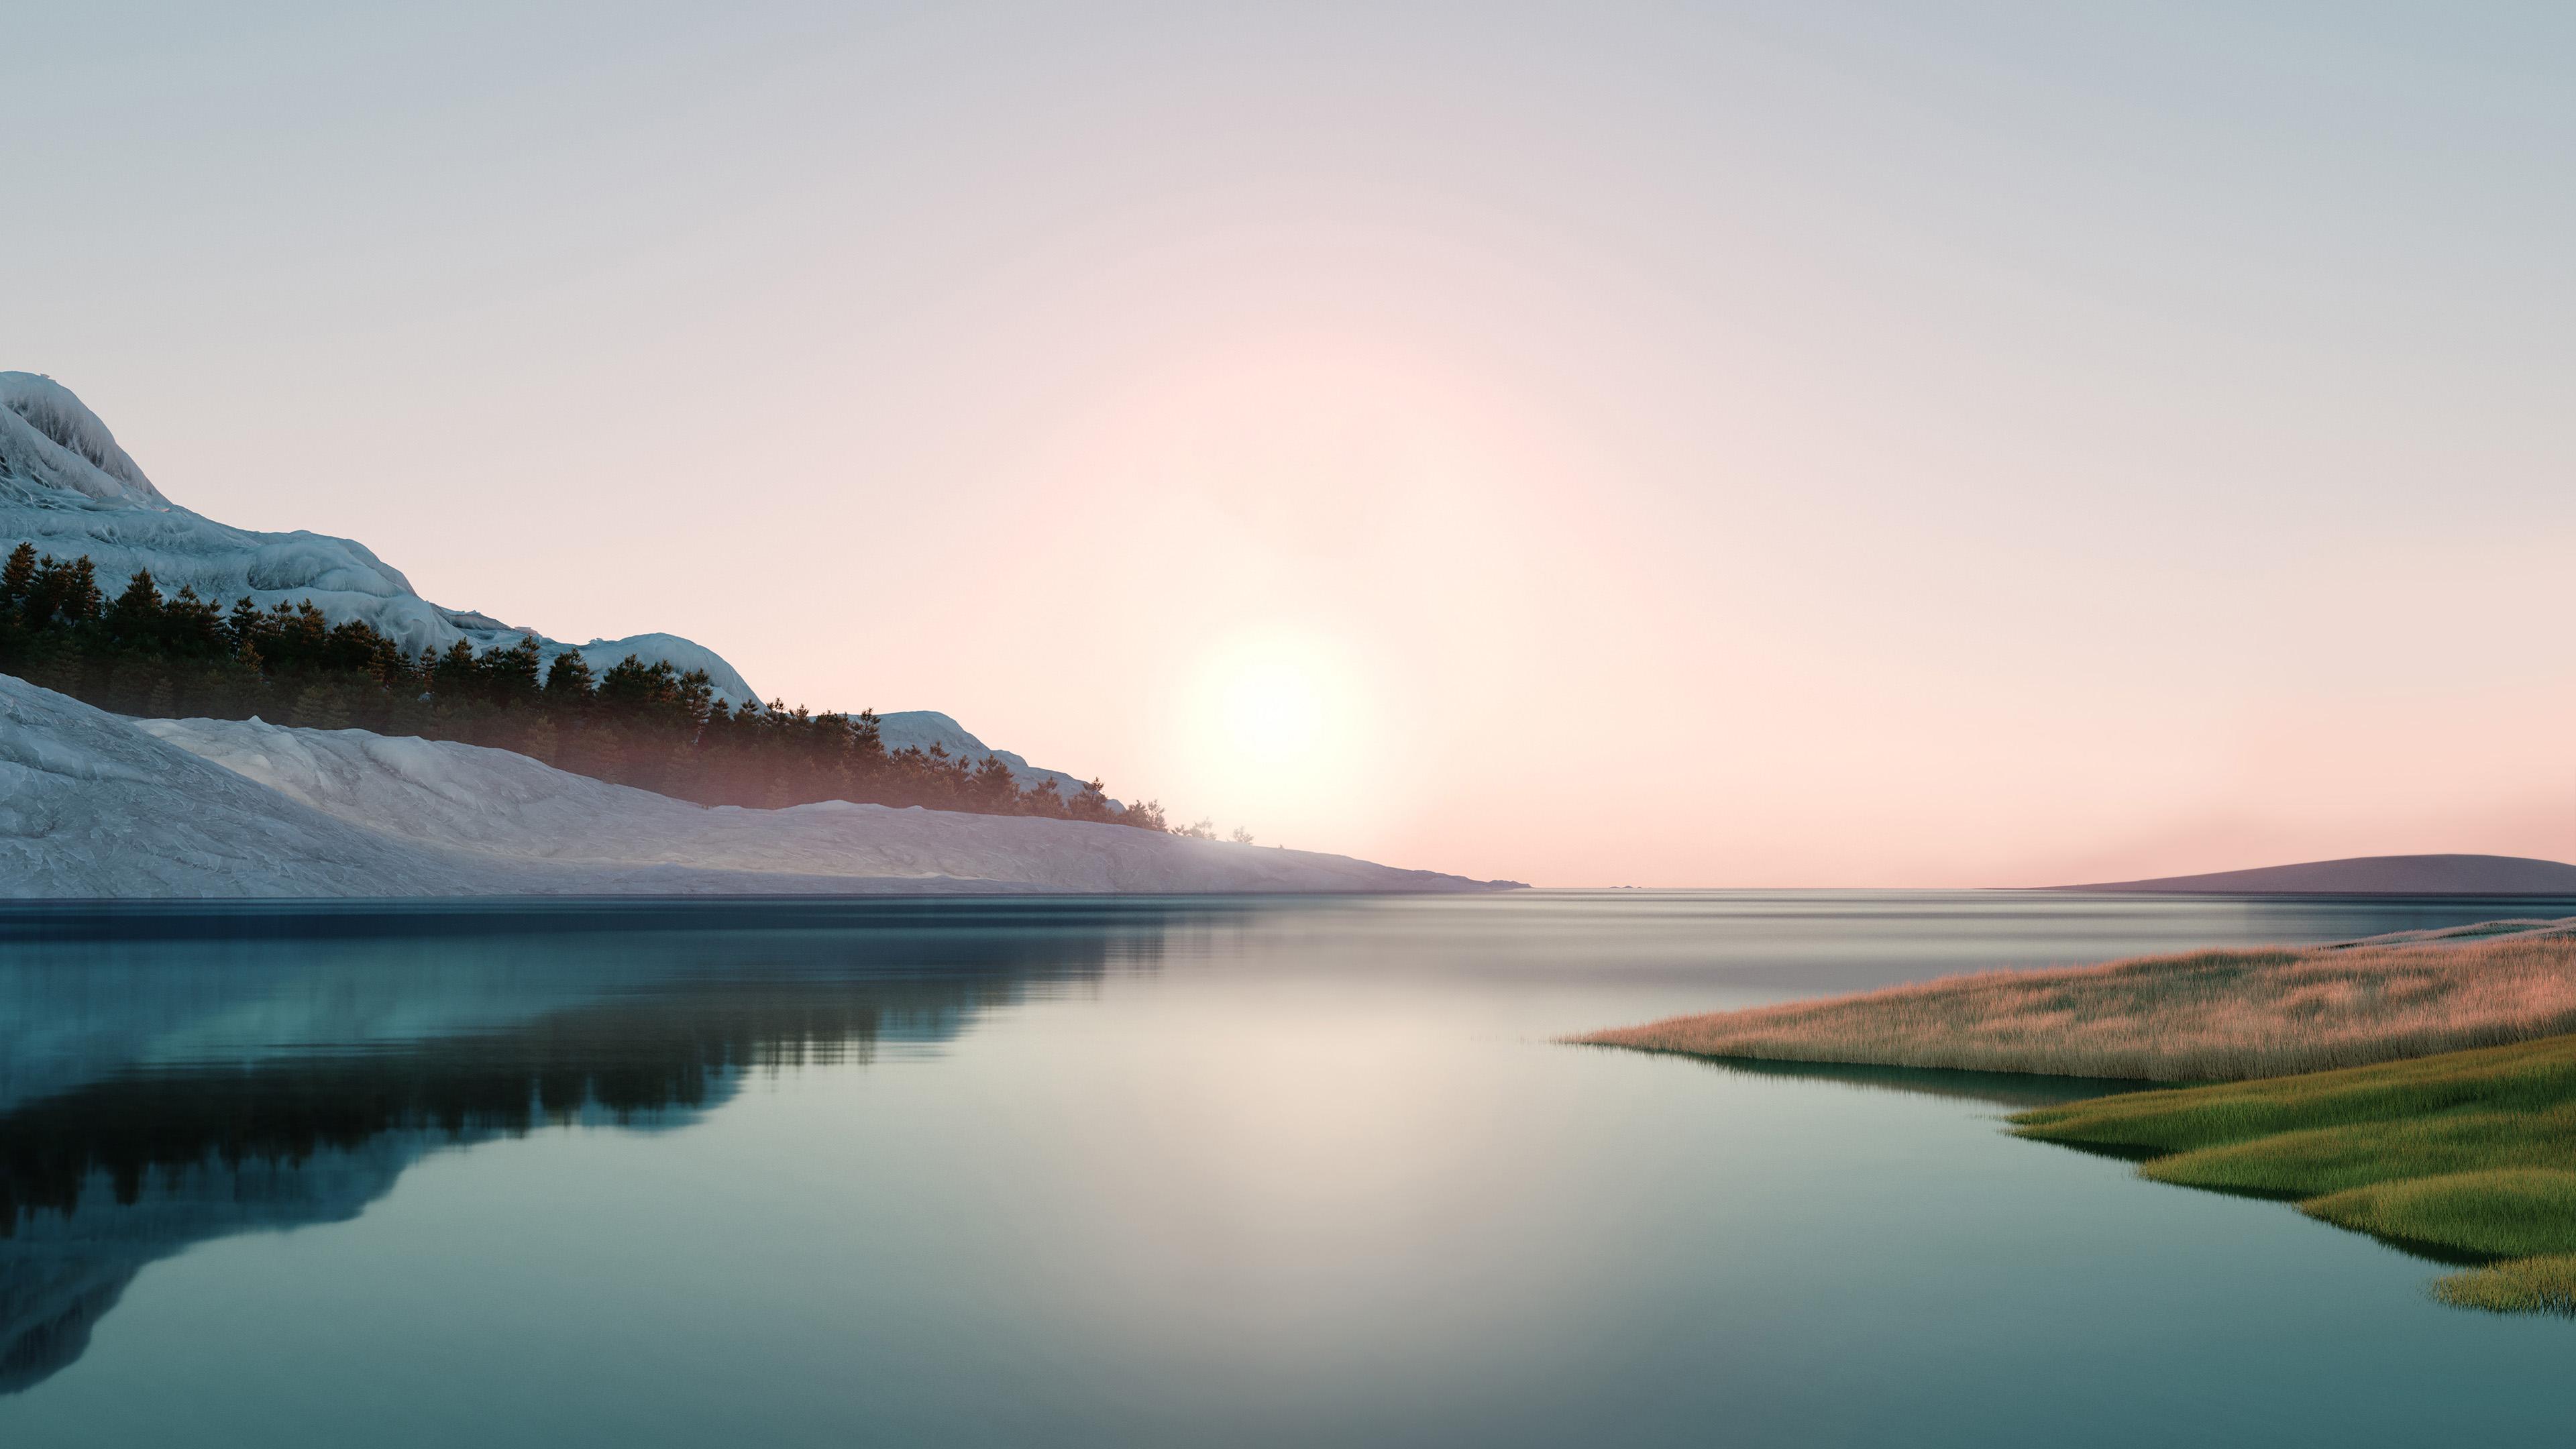 4K专区,日出,平静的湖面,倒影